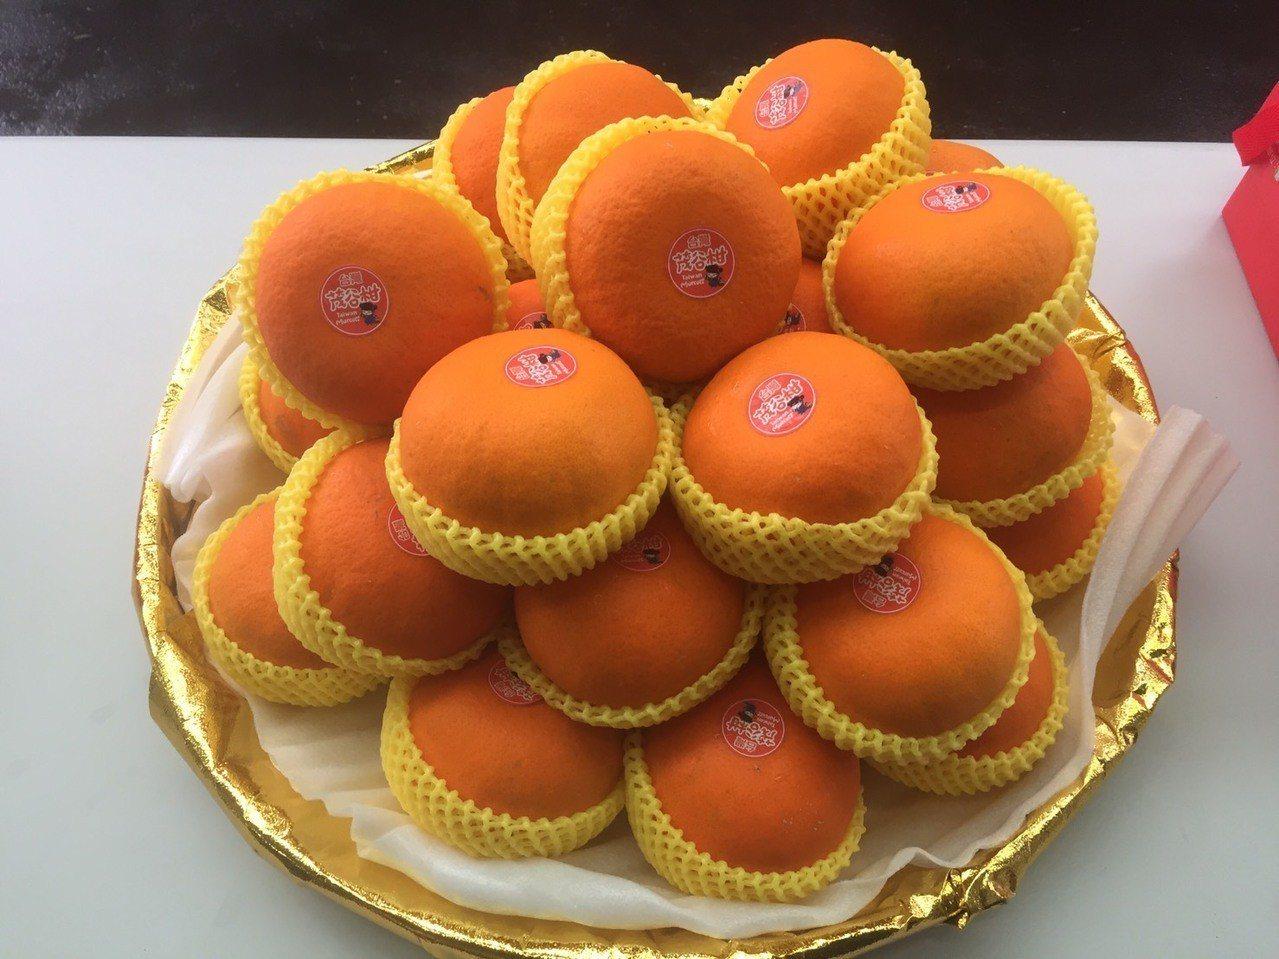 鮮嫩多汁的茂谷柑正值產季。圖/台中市農業局提供